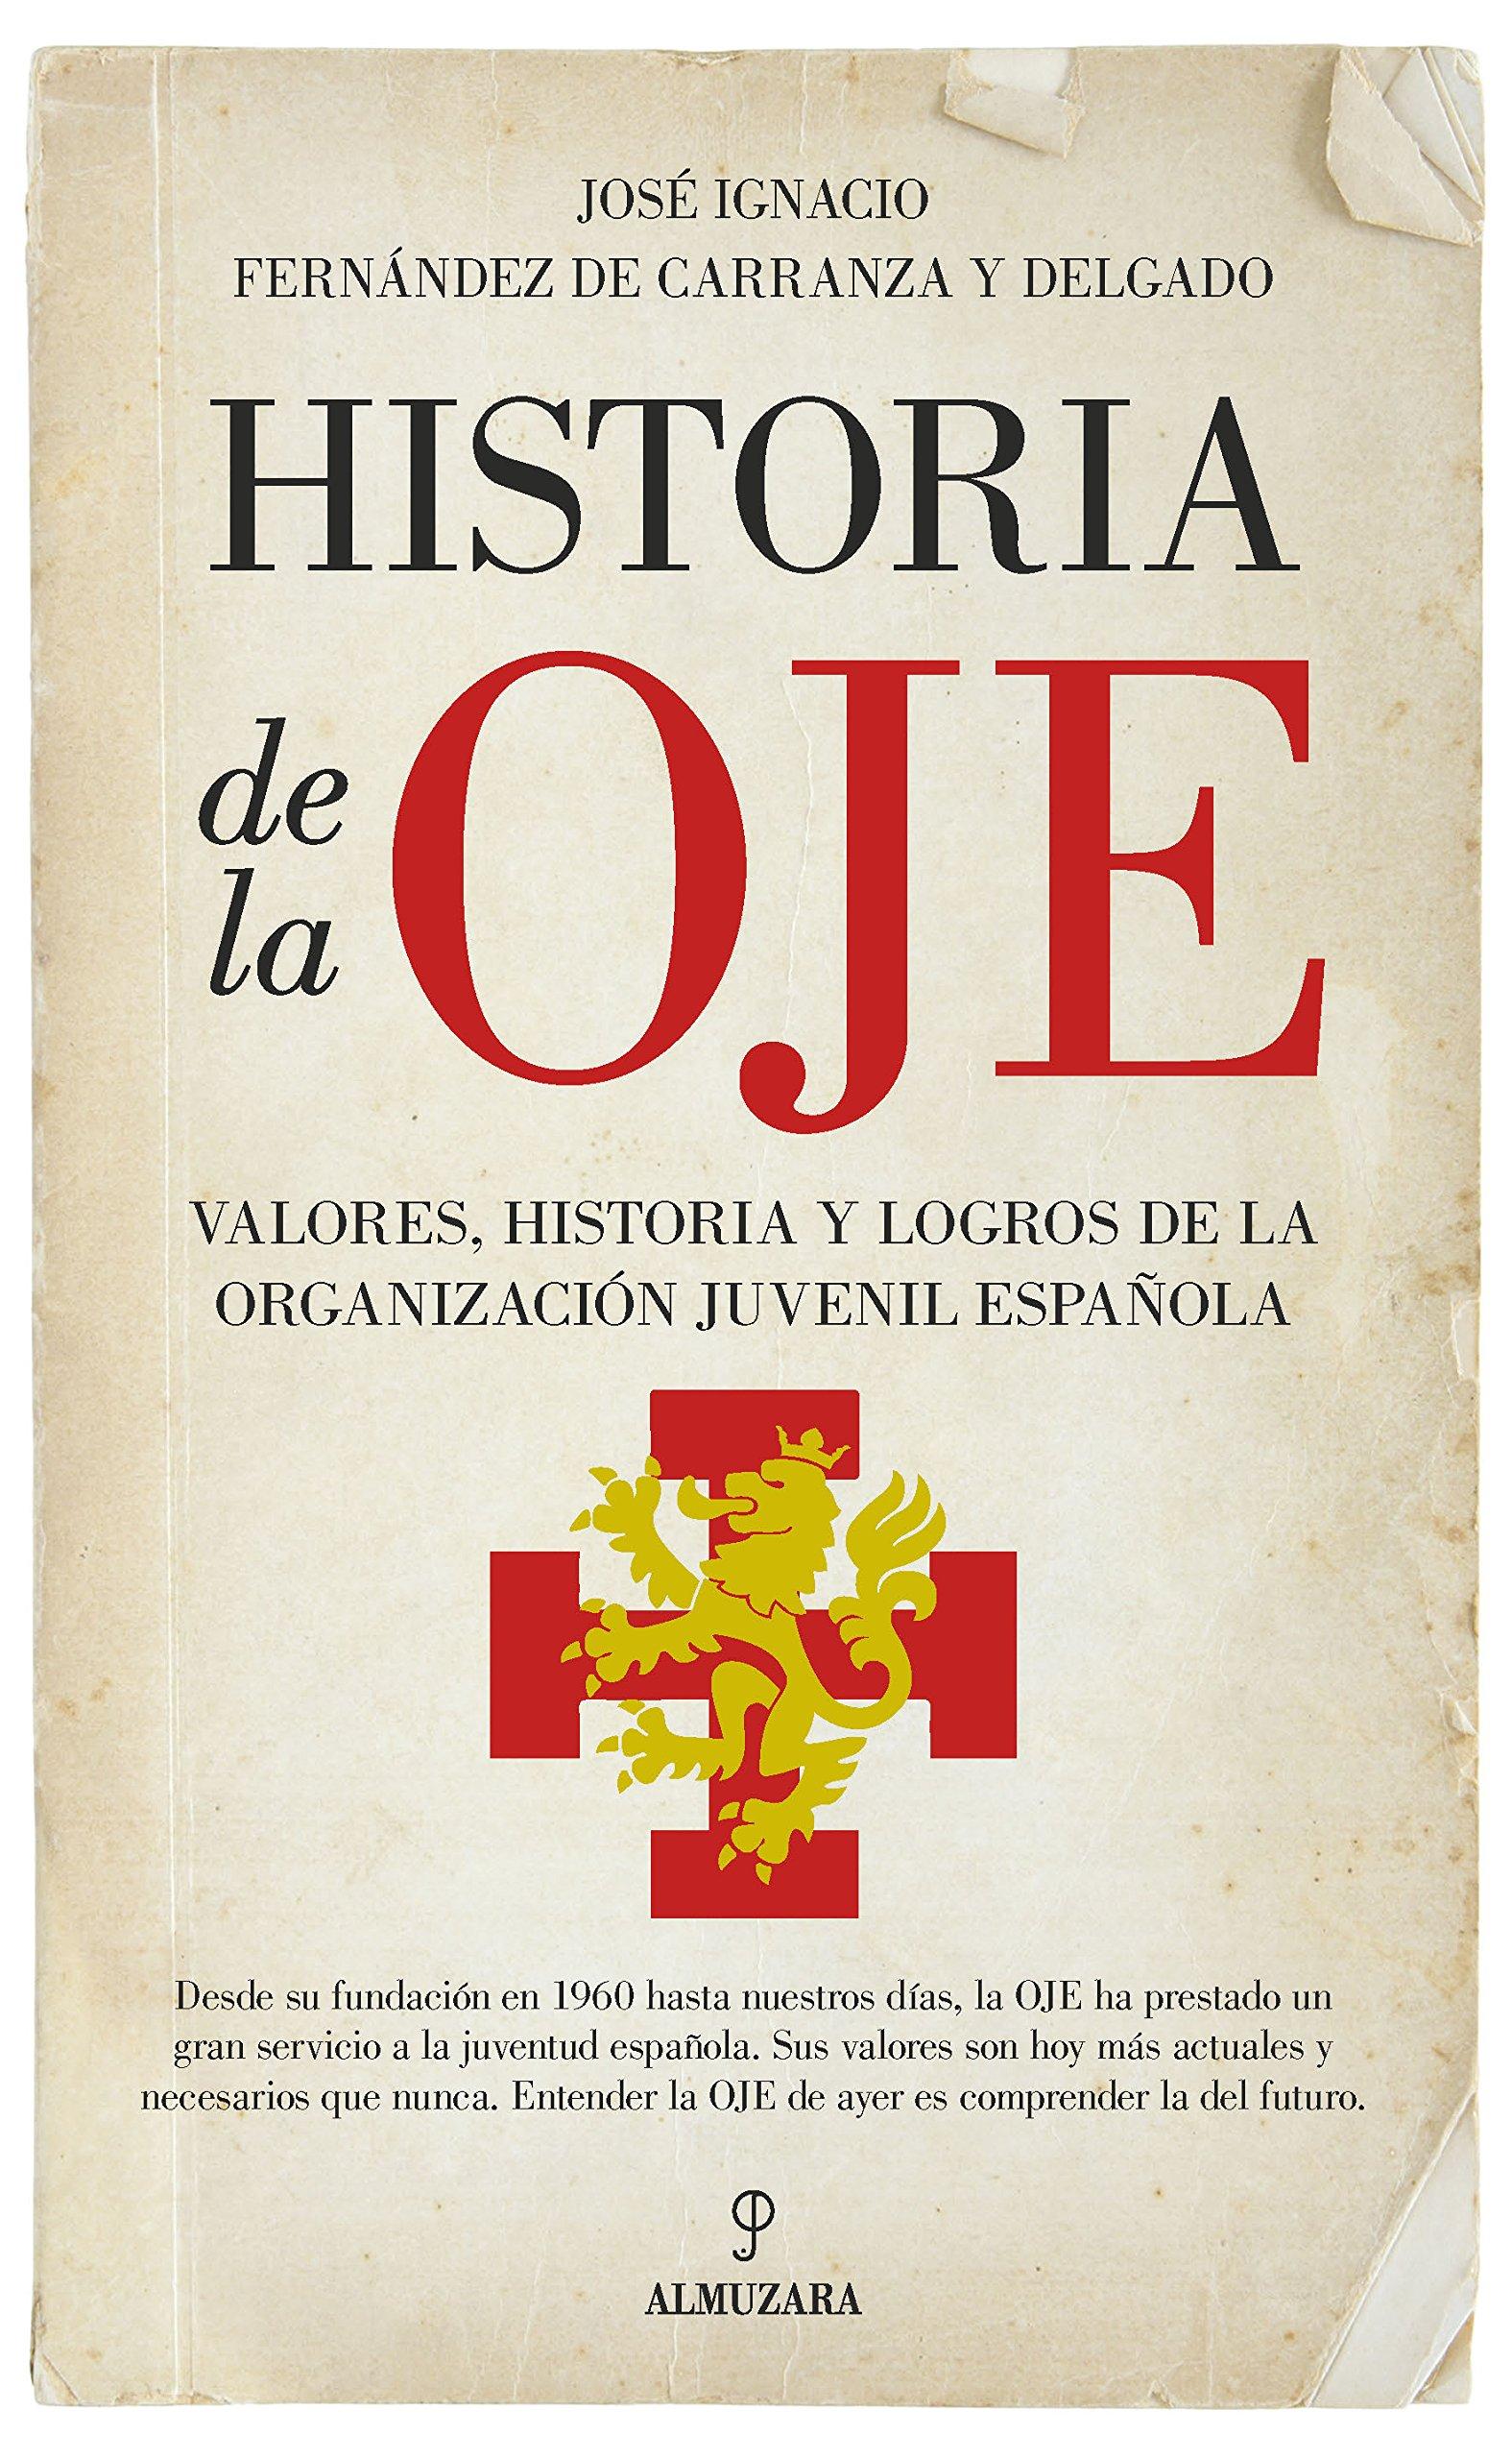 Historia de la Oje: Valores, historia y logros de la organización juvenil Española: Amazon.es: José Ignacio Fernández de Carranza y Delgado: Libros